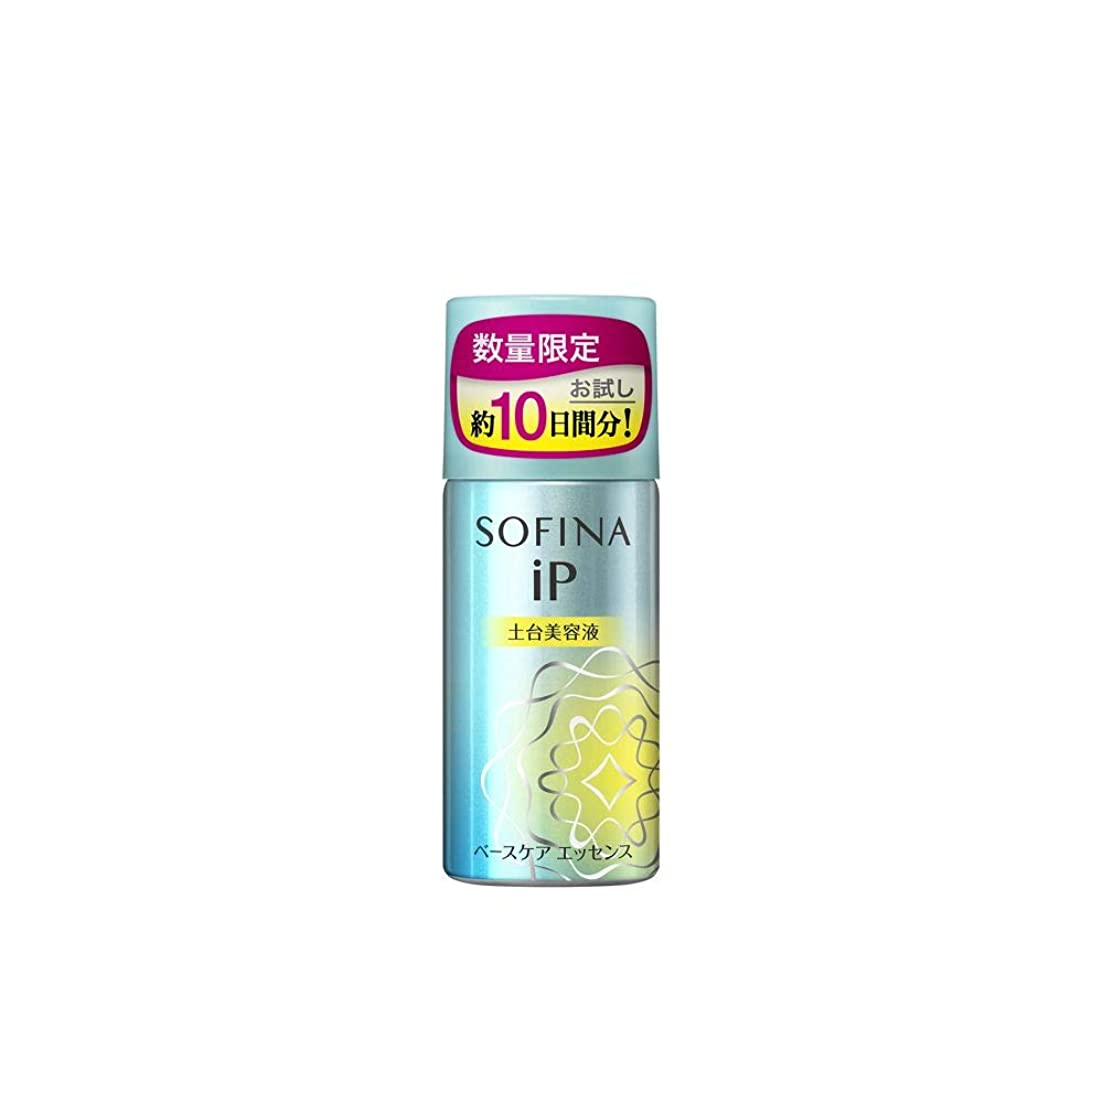 やりすぎ分子義務ソフィーナ iP(アイピー) ベースケア エッセンス 30g 土台美容液